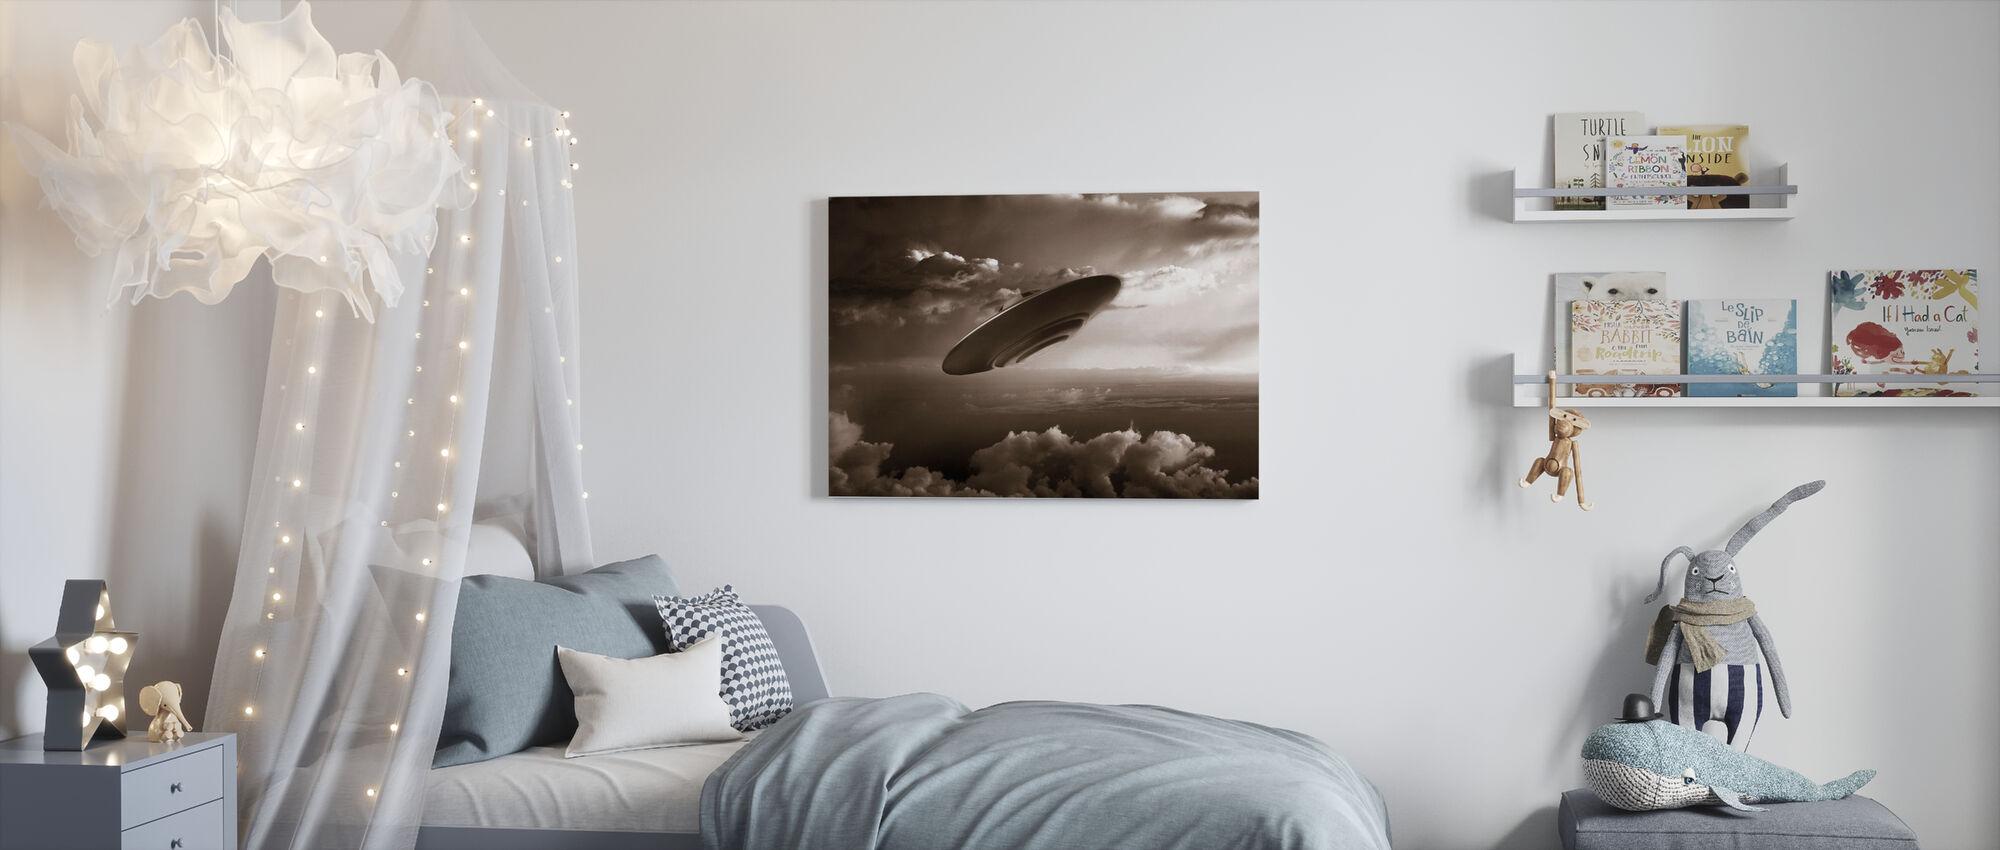 Ufo - Sépia - Impression sur toile - Chambre des enfants